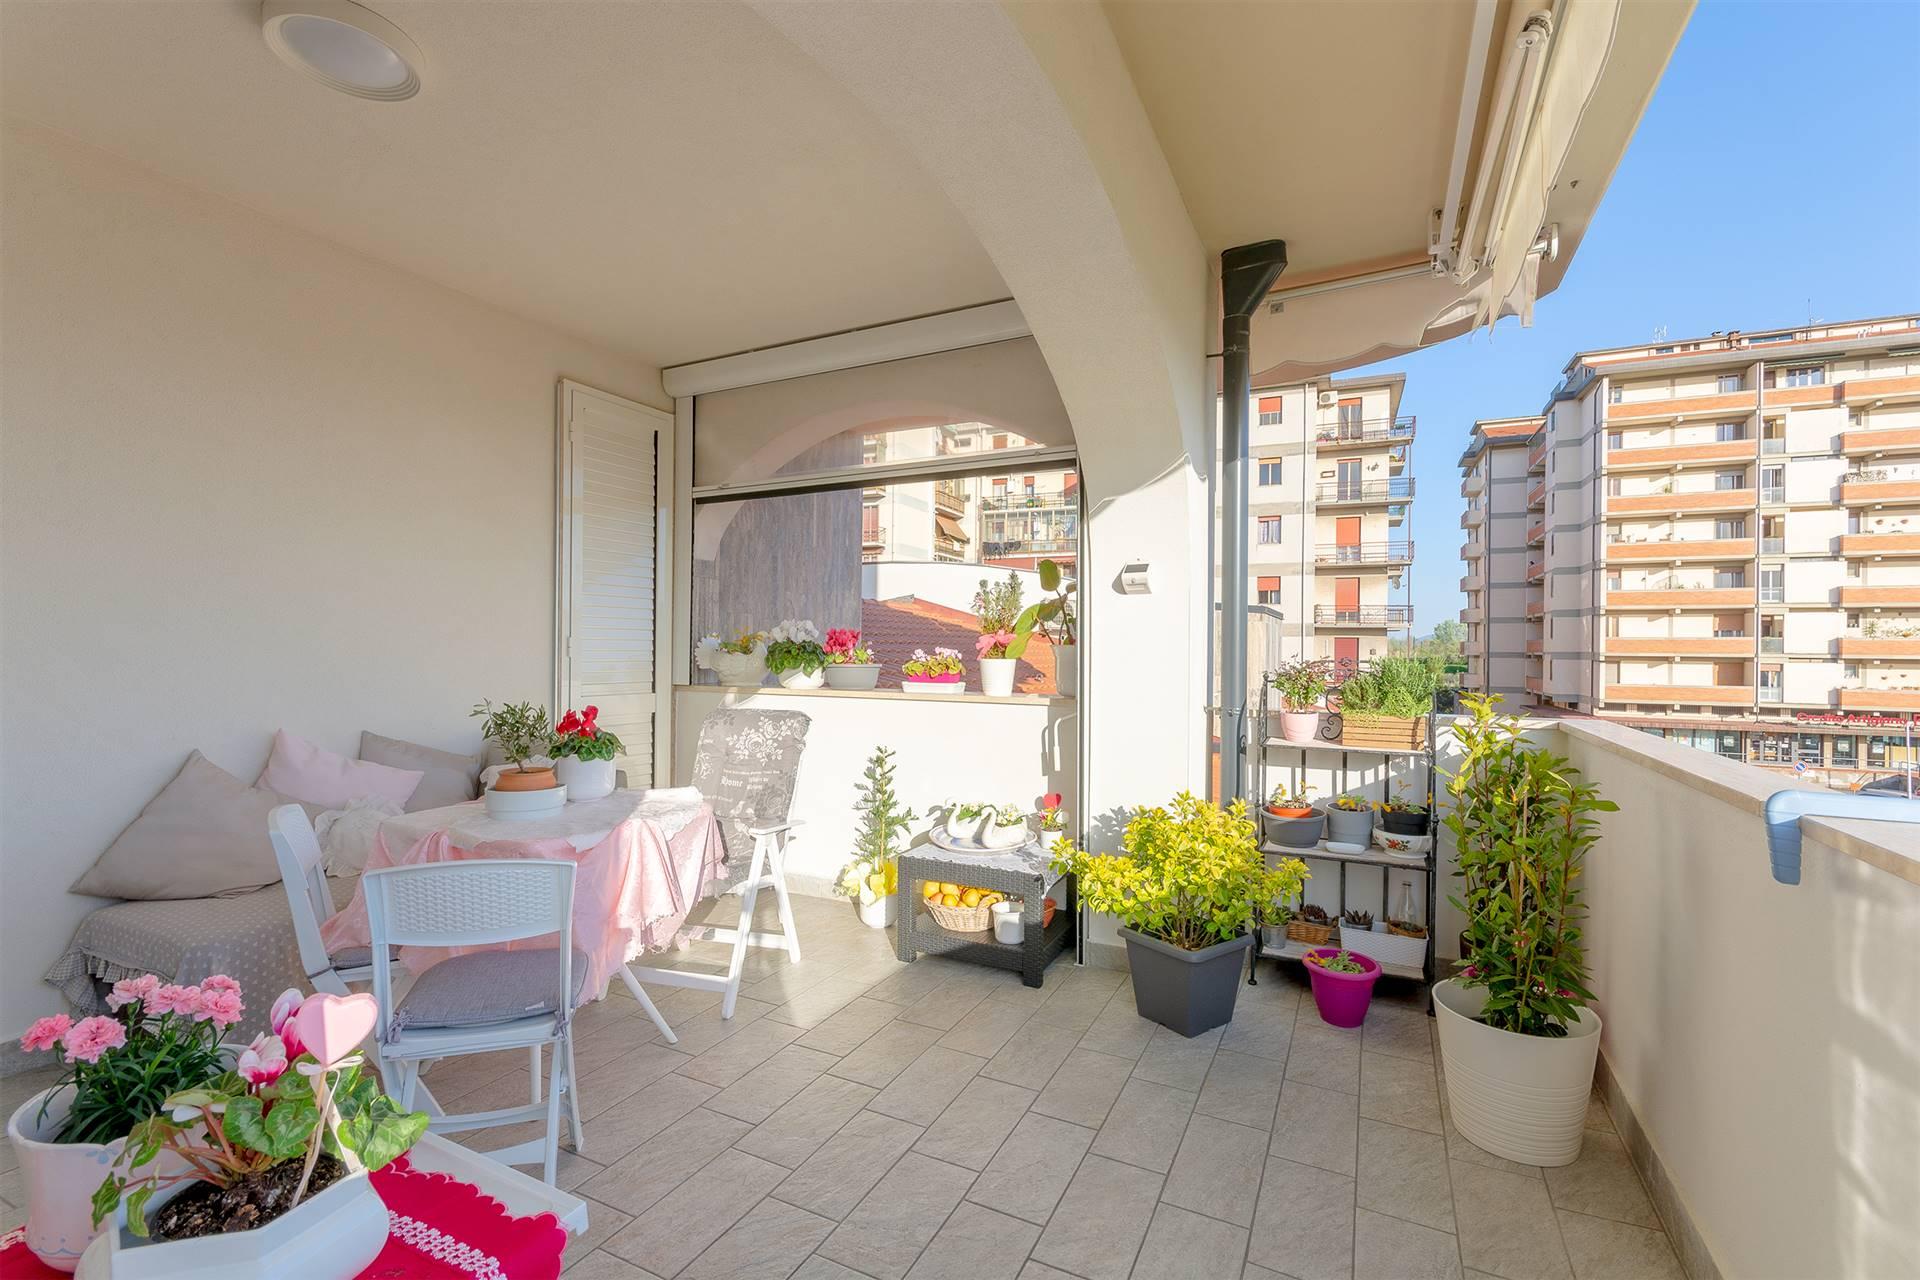 NOSTRA ESCLUSIVA. Campi Bisenzio, località Capalle, in contesto estremamente comodo e ben servito, proponiamo in vendita DELIZIOSO appartamento